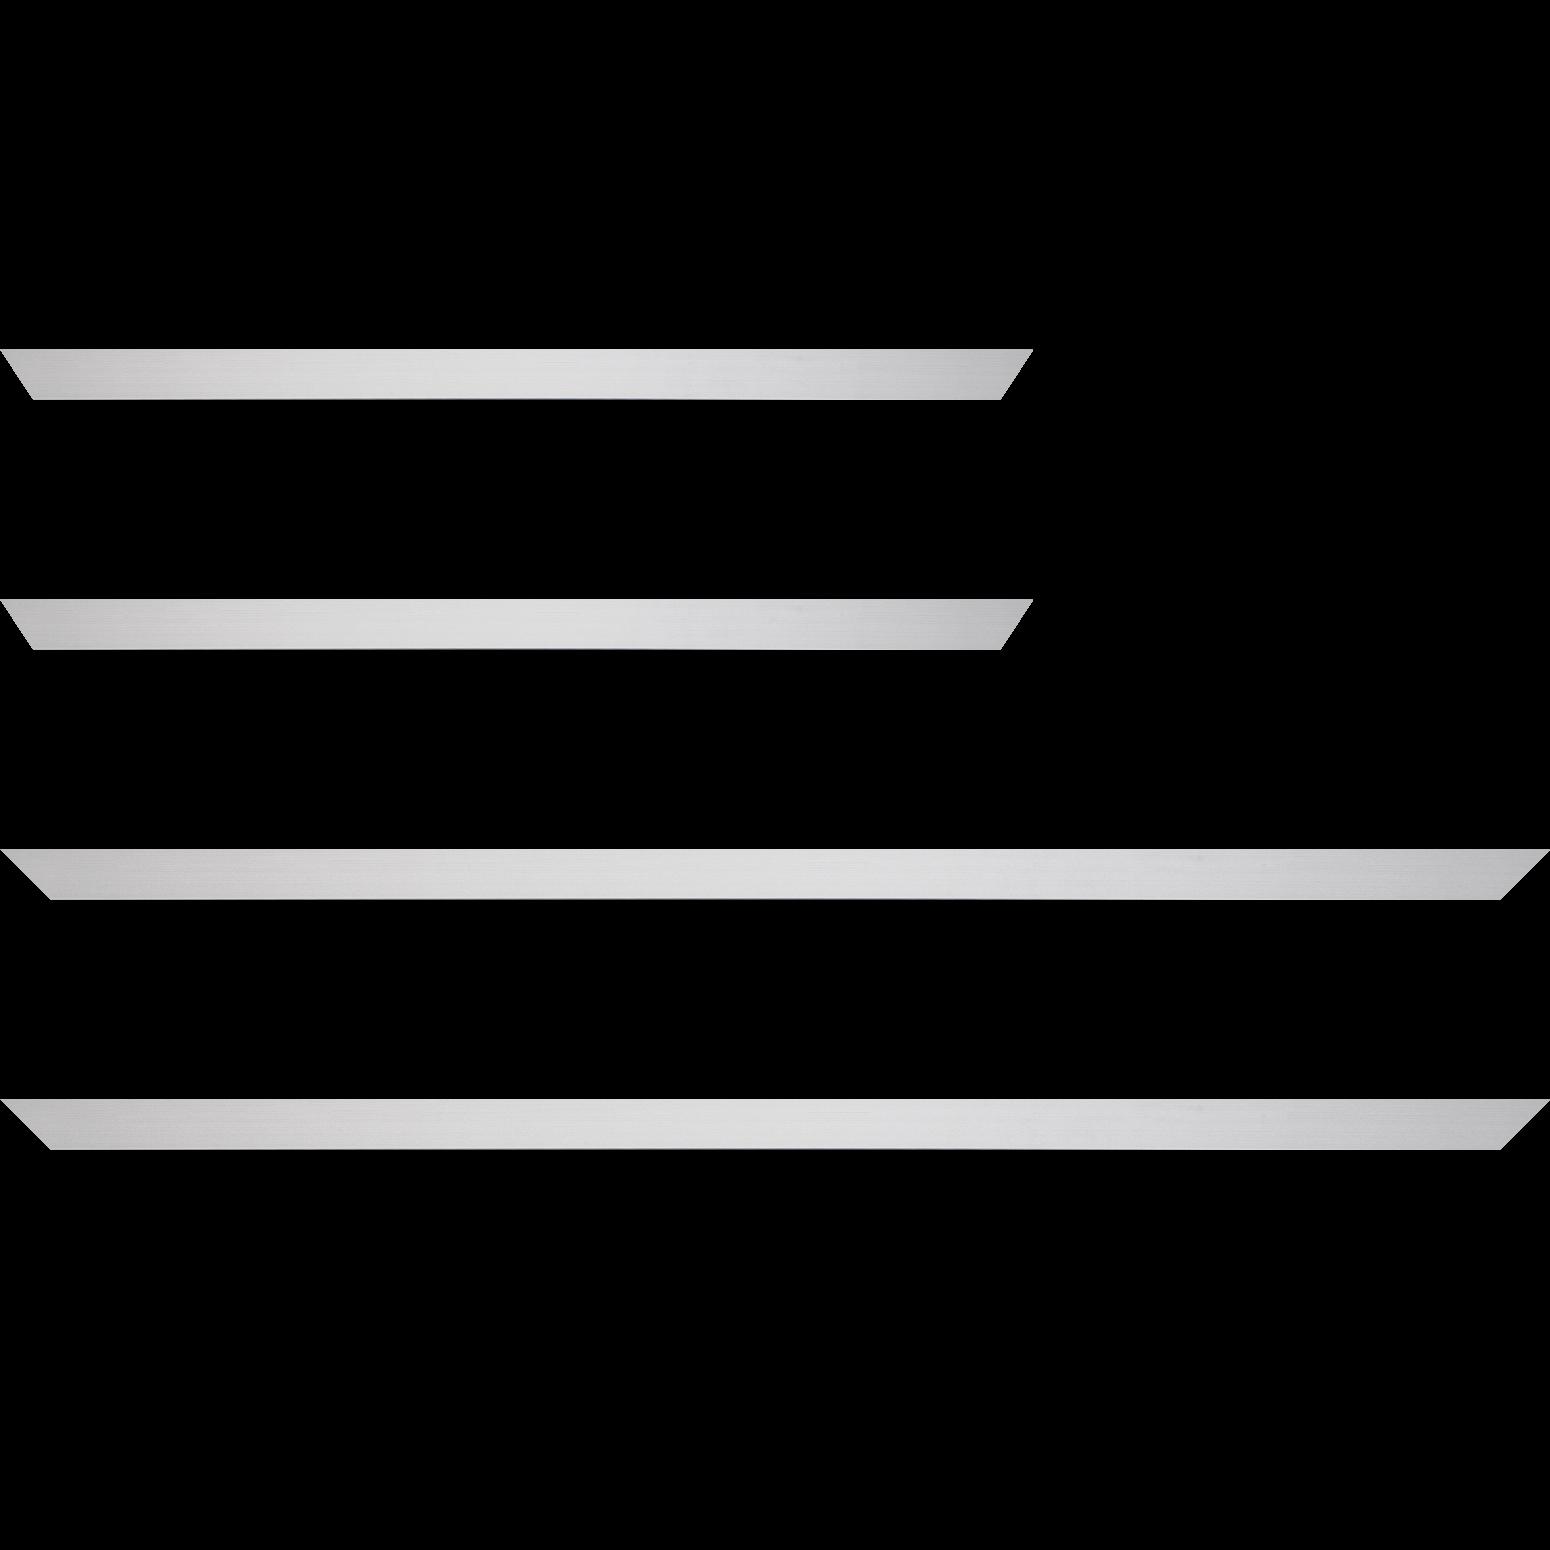 Baguette service précoupé Bois recouvert aluminium profil plat largeur 1.6cm argent brossé bord droit